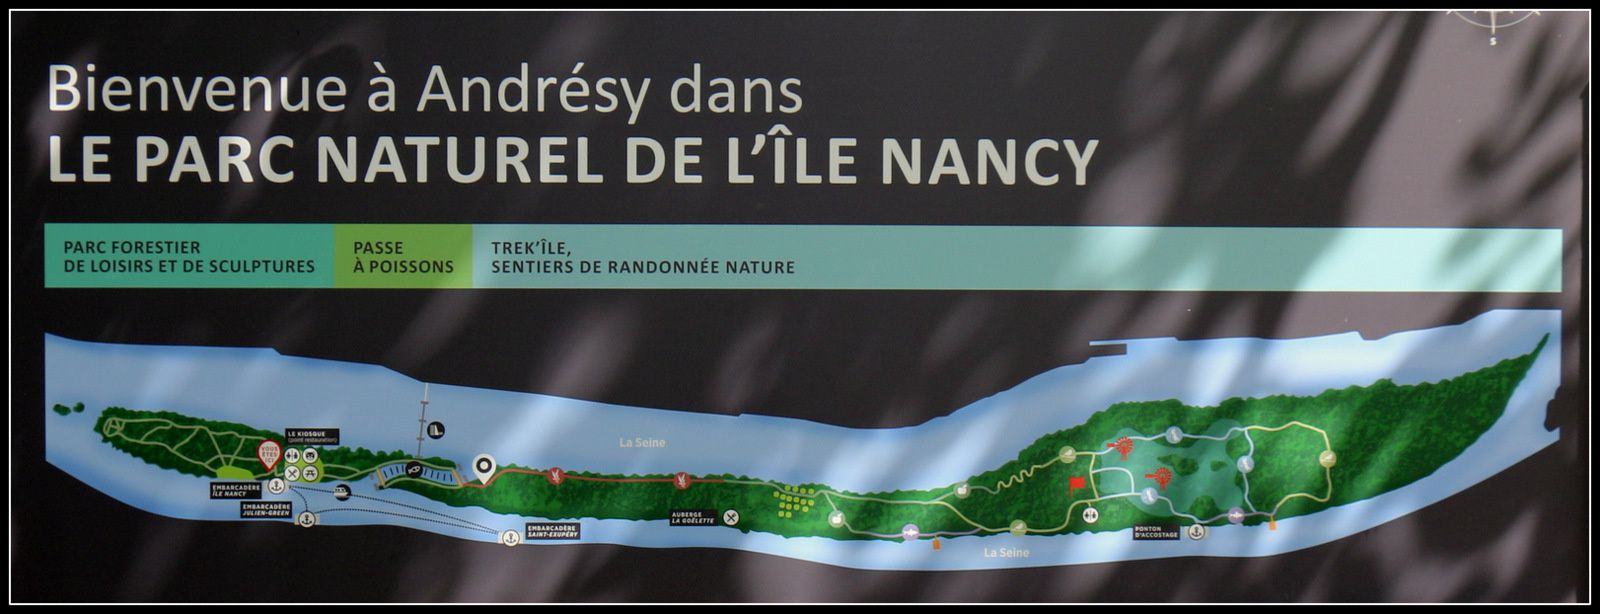 Animaux, Île Nancy à Andrésy